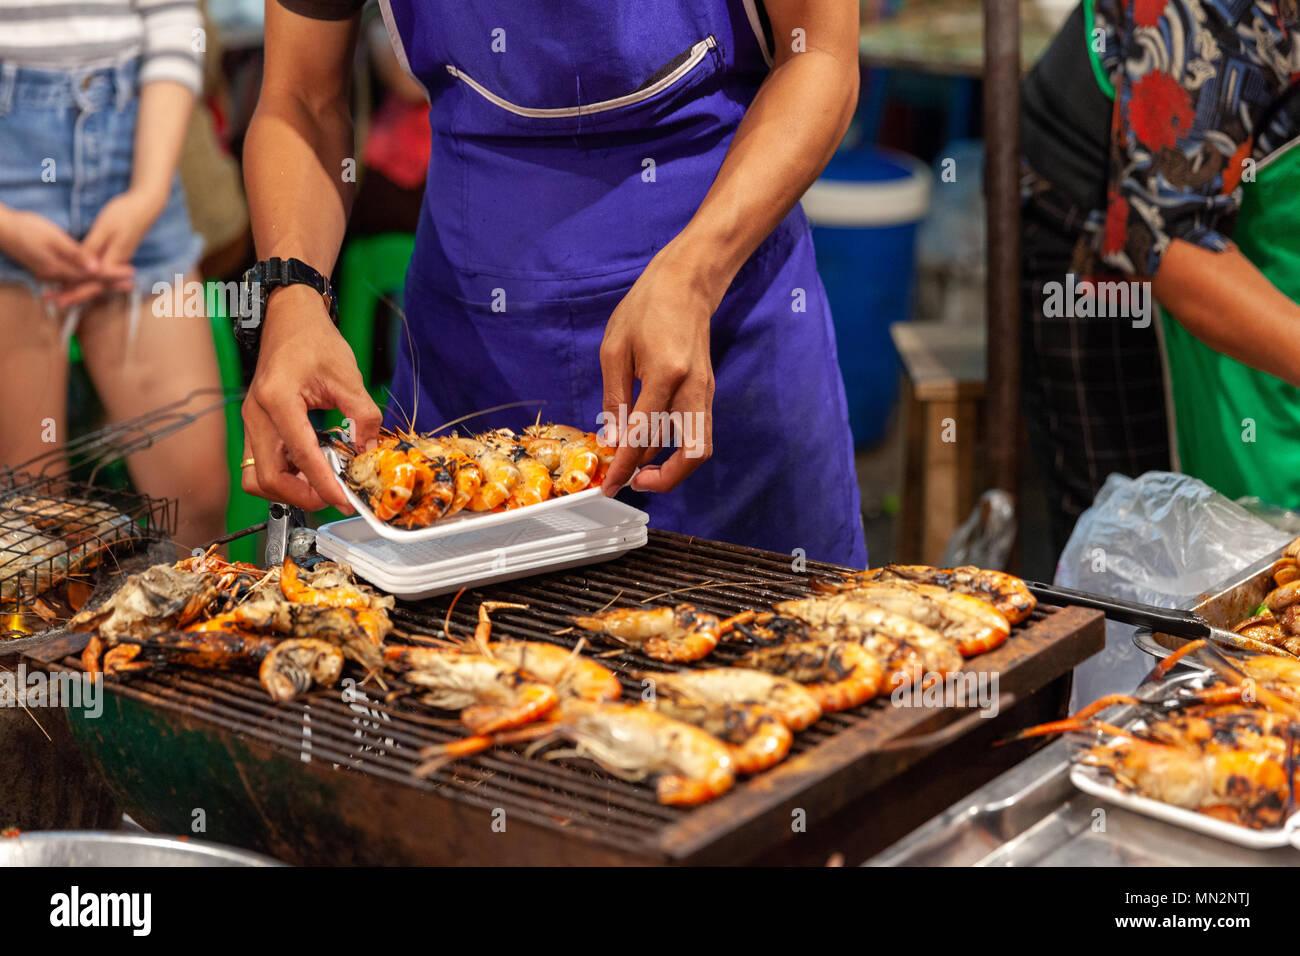 CHIANG MAI, THAÏLANDE - 27 août: préparer les crevettes à la vente à la marché du samedi soir à Chiang Mai (walking street) Le 27 août 2016 à Chian Photo Stock